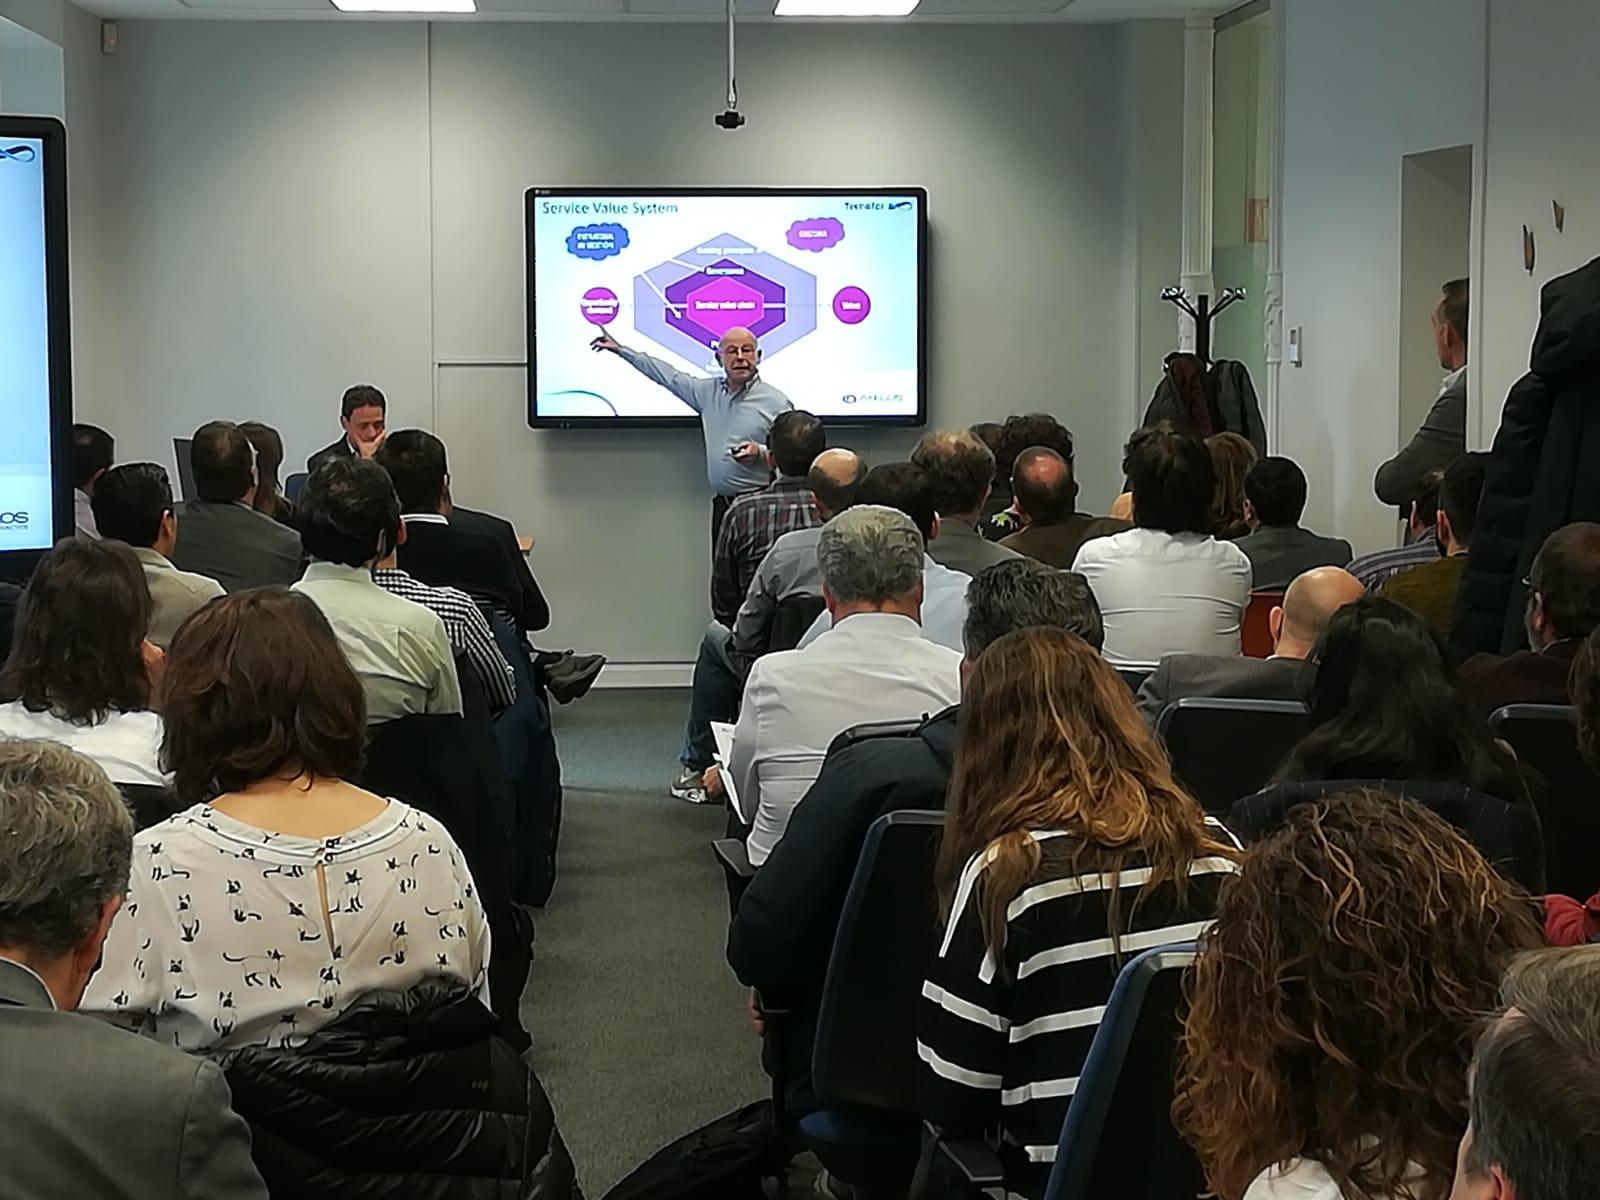 El foco principal de #ITIL4 es el valor. @OscarCorbelli nos da las últimas novedades de ITIL 4 antes de su lanzamiento. https://t.co/KSUNNomMgC